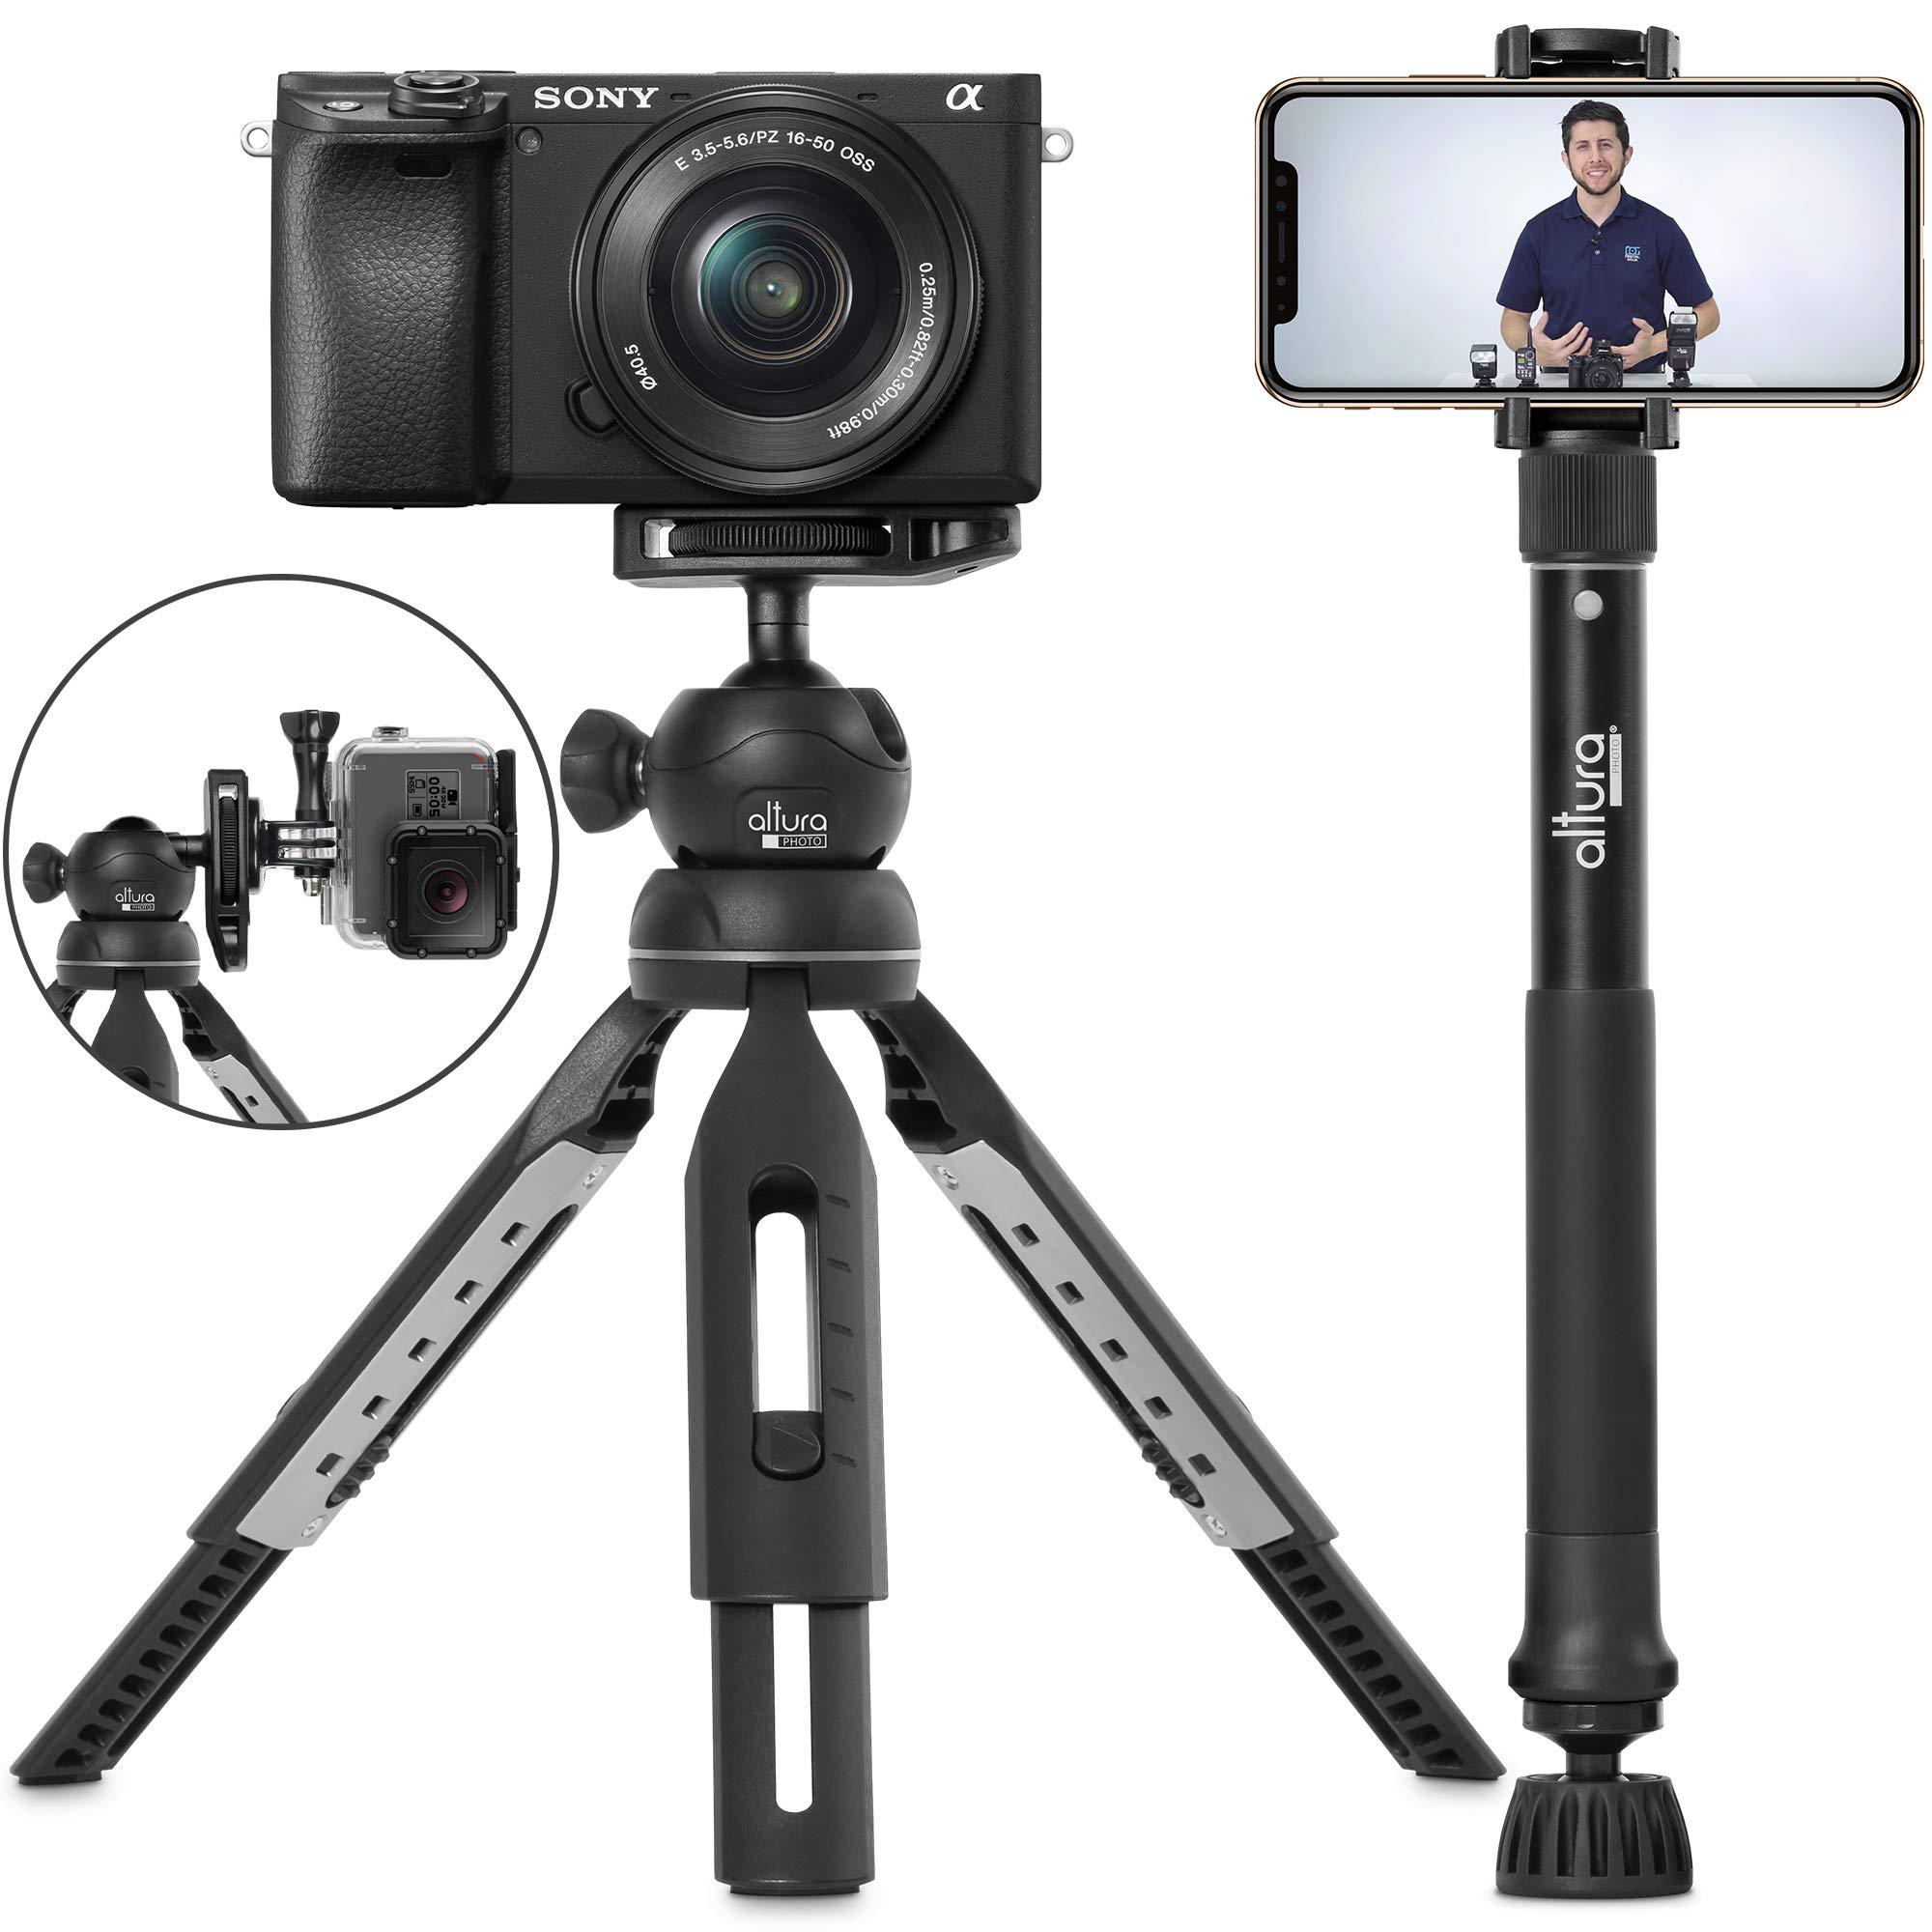 6 合 1 单脚架三脚架套装 Altura Photo 出品 - 通用 55 英寸伸缩数码单反相机、GoPro、手机支架自拍杆,带三脚架底座,360 球头和便携包